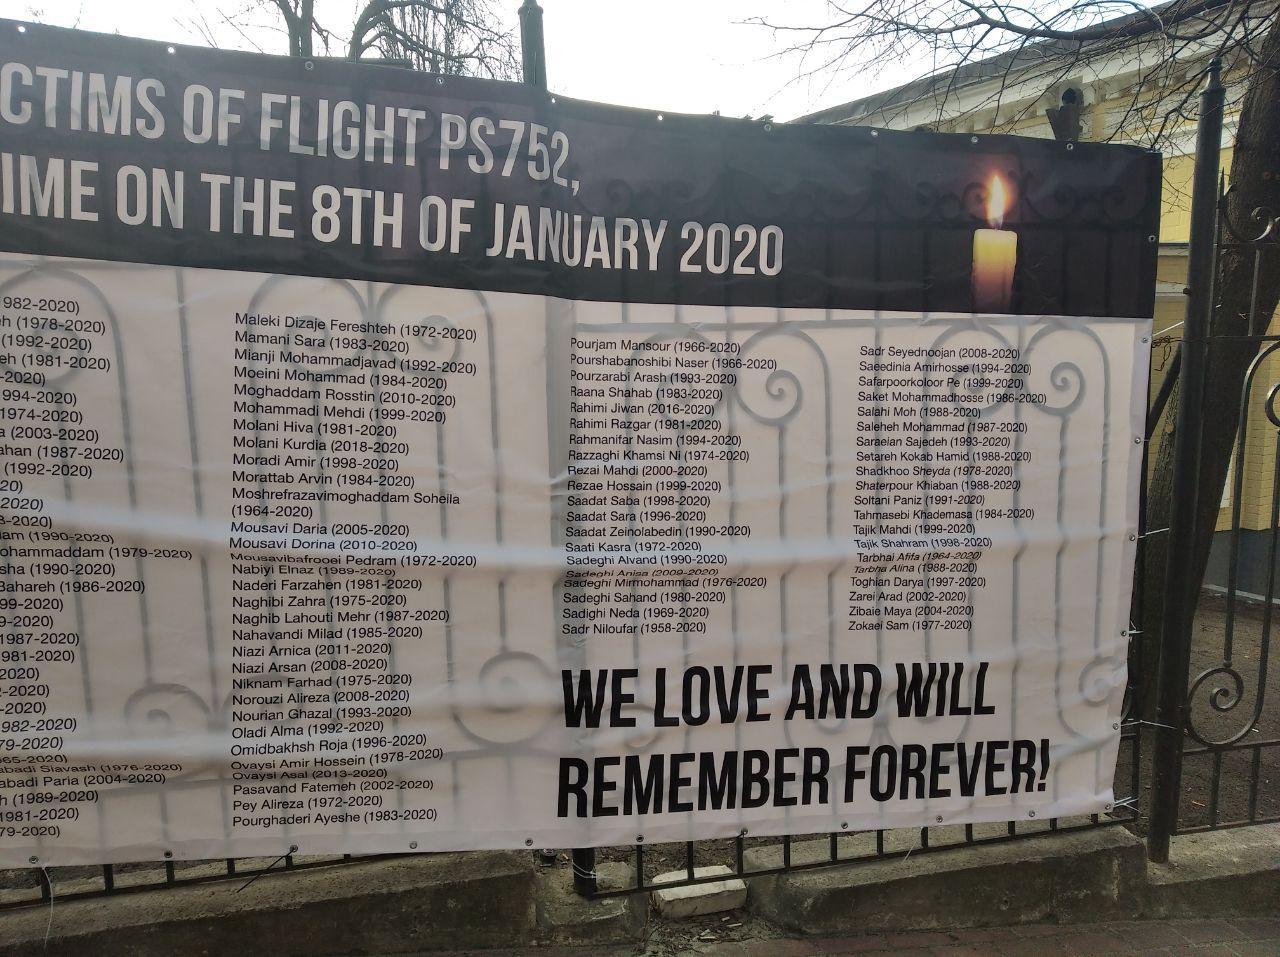 Під посольством Ірану вшановують пам'ять Загибла у збити літаку МАУ